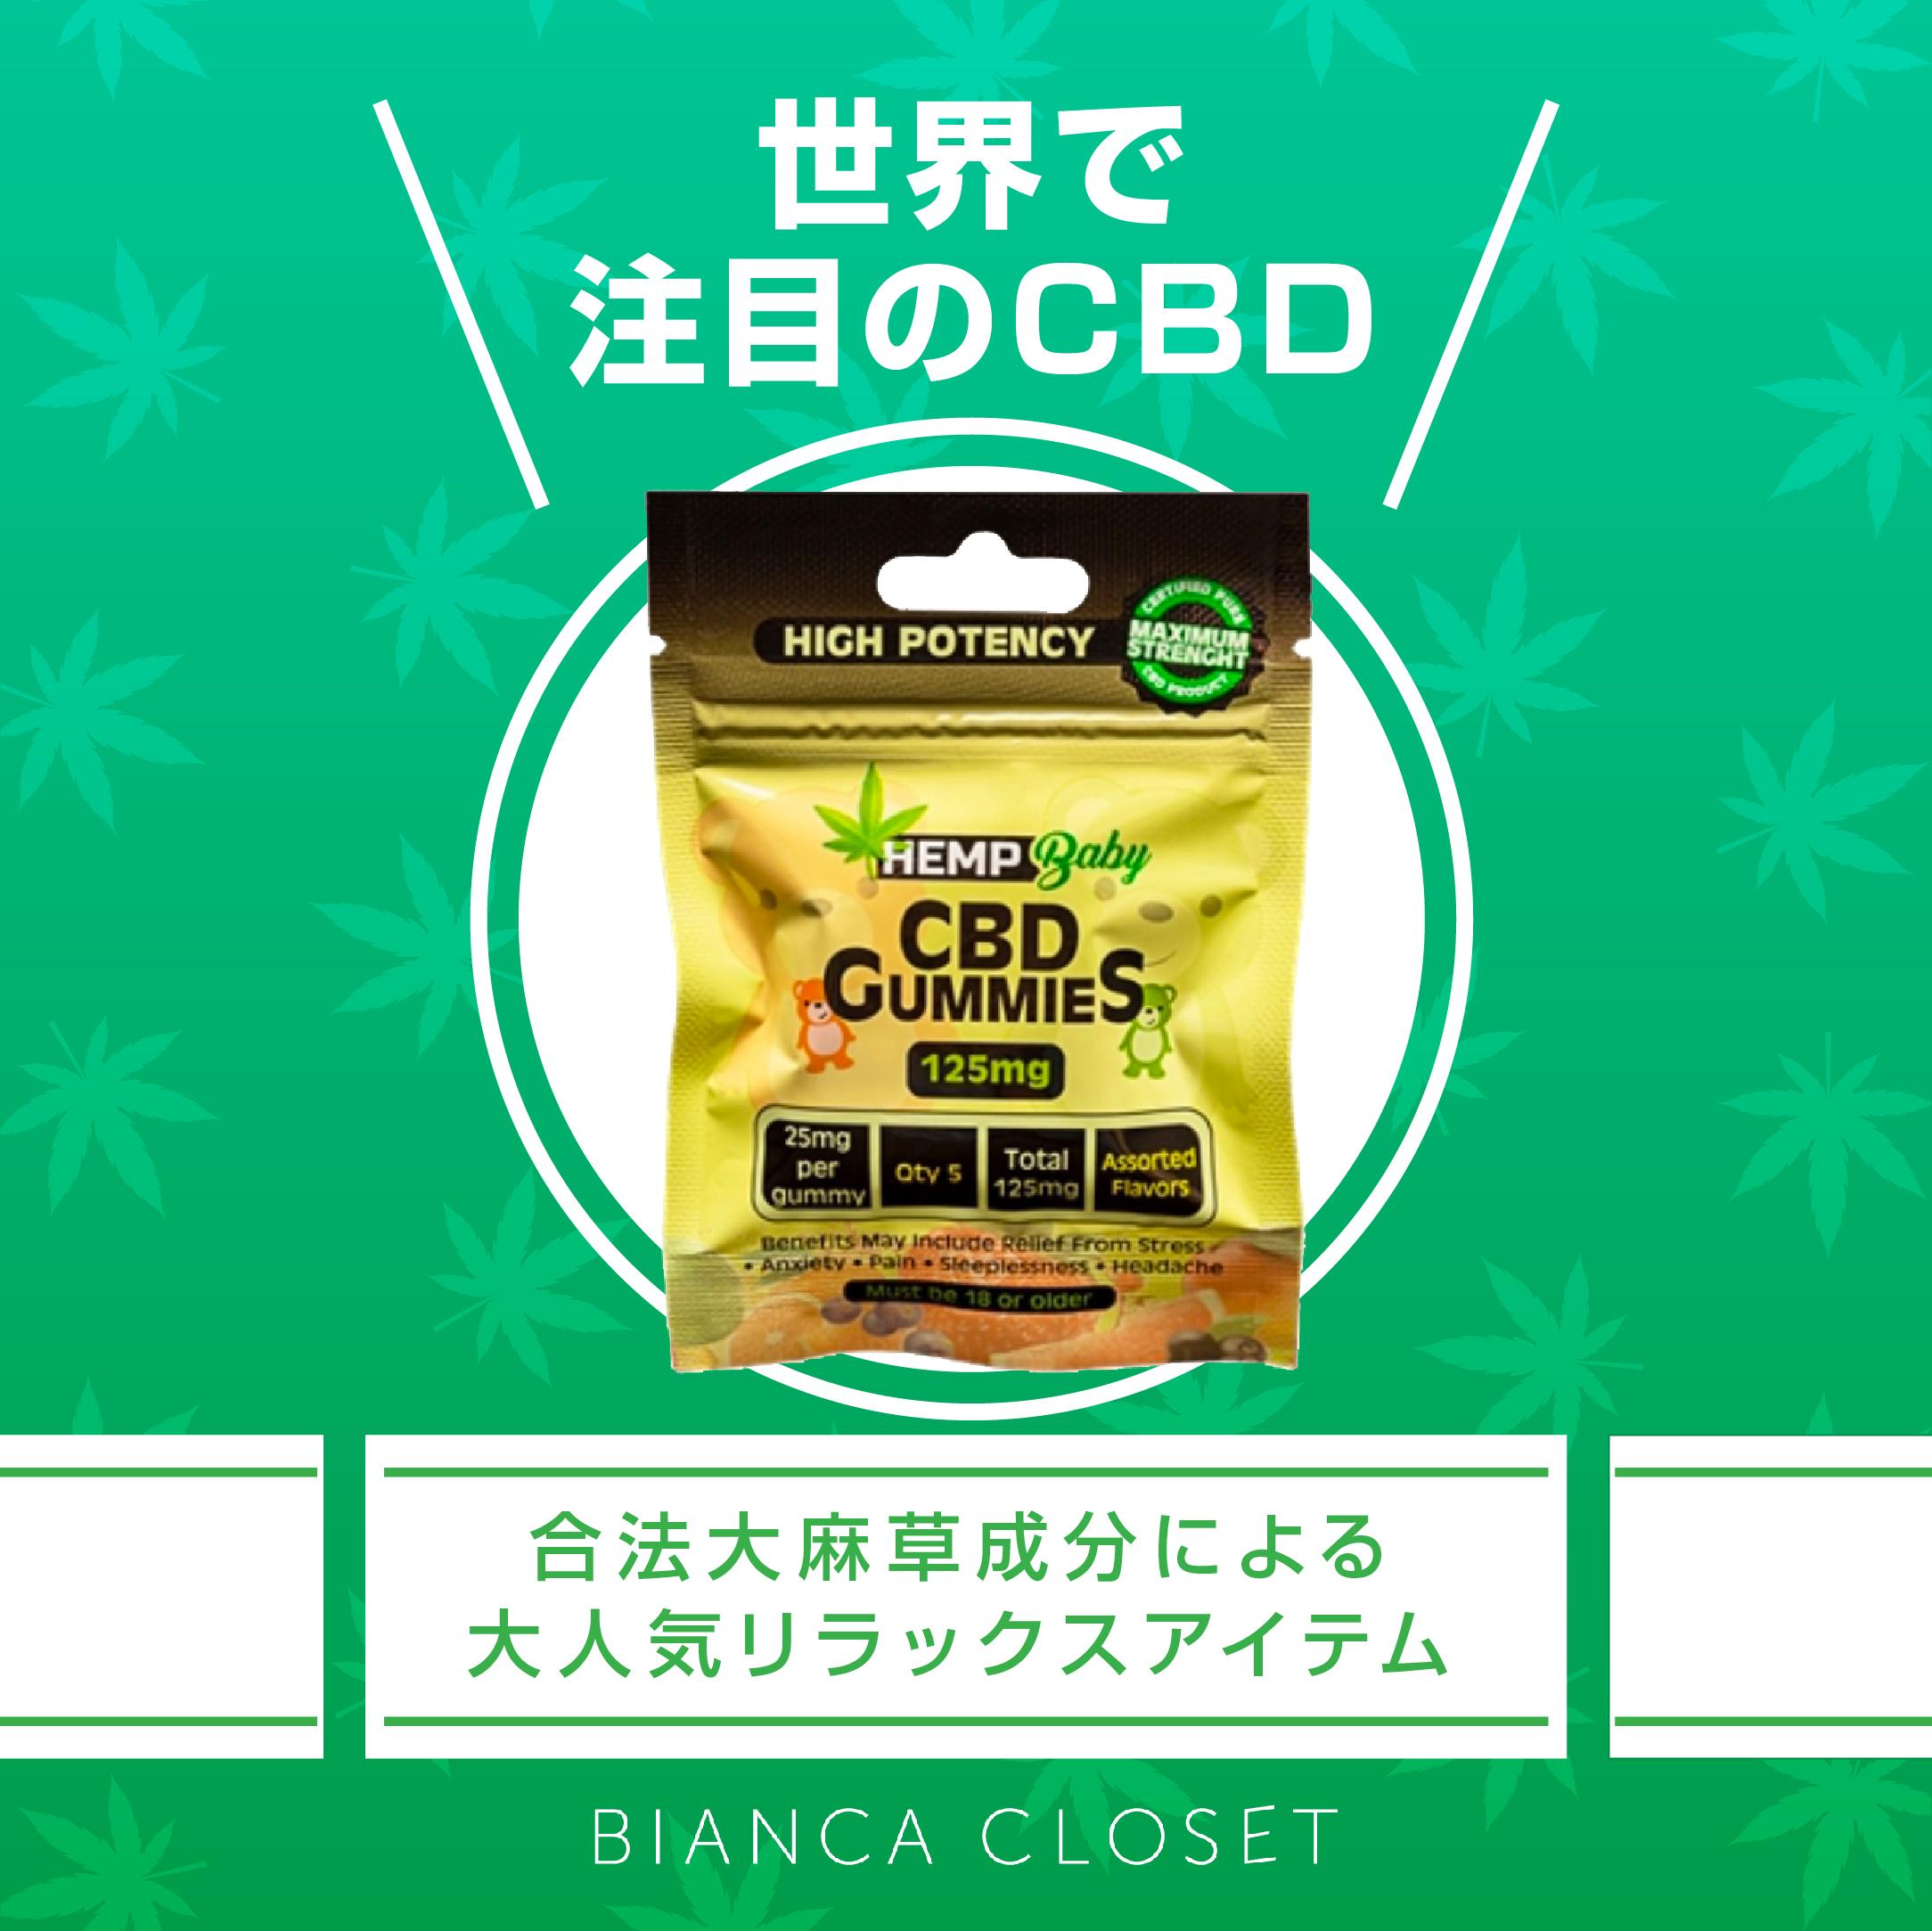 売切れ続出!!話題の大麻成分CBDを1粒に高濃度25mg配合【HEMP BABY5粒入り】